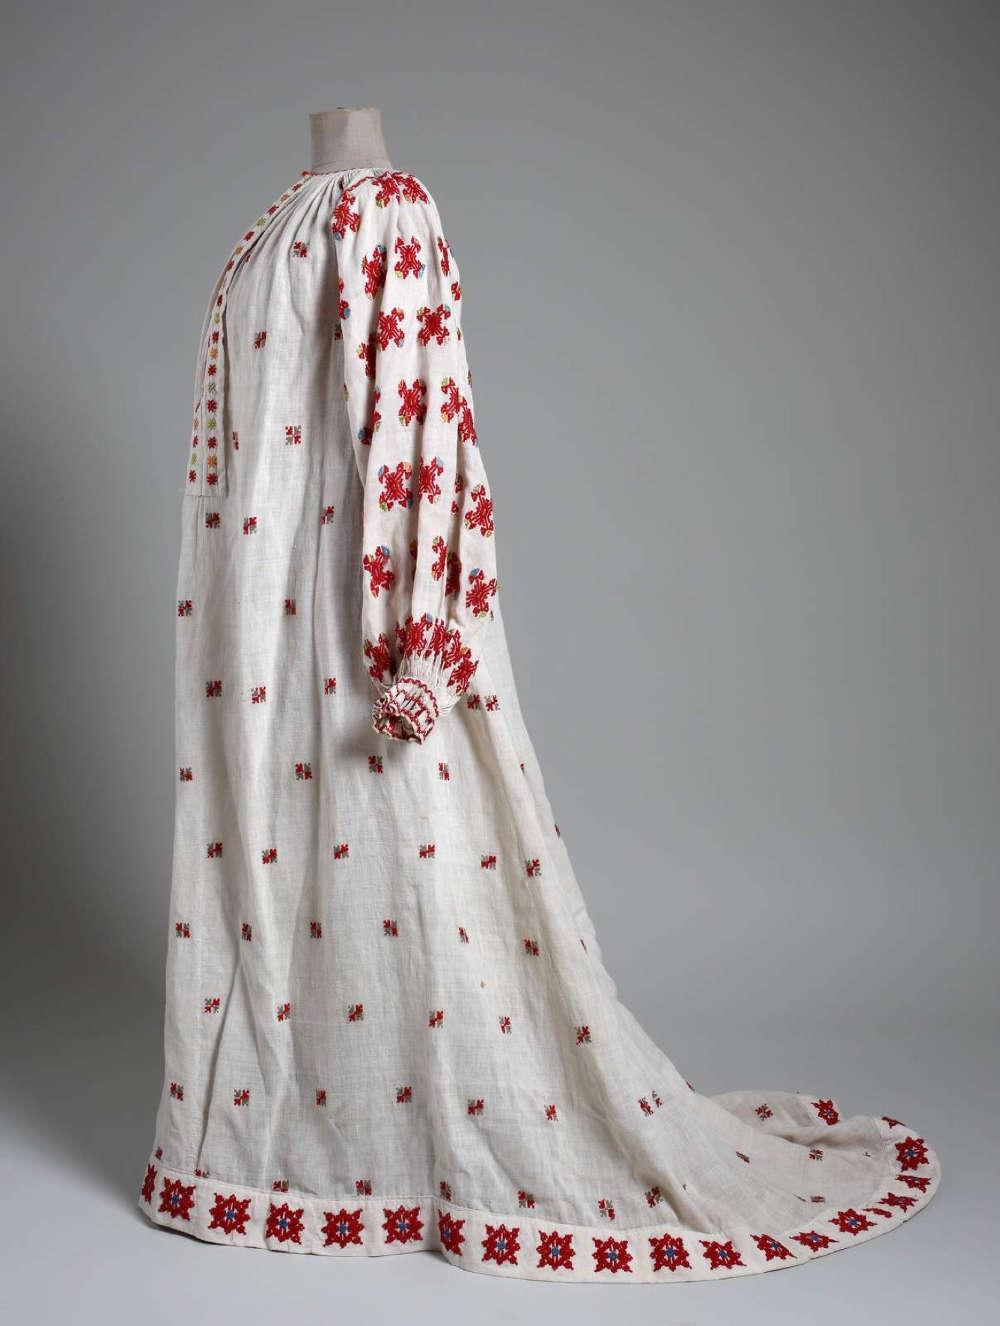 Kleid designt von Bela Csikos Sesia für seine Modelle nach Vorbild des Reformkleids (© Muzej za umjetnost i obrt)